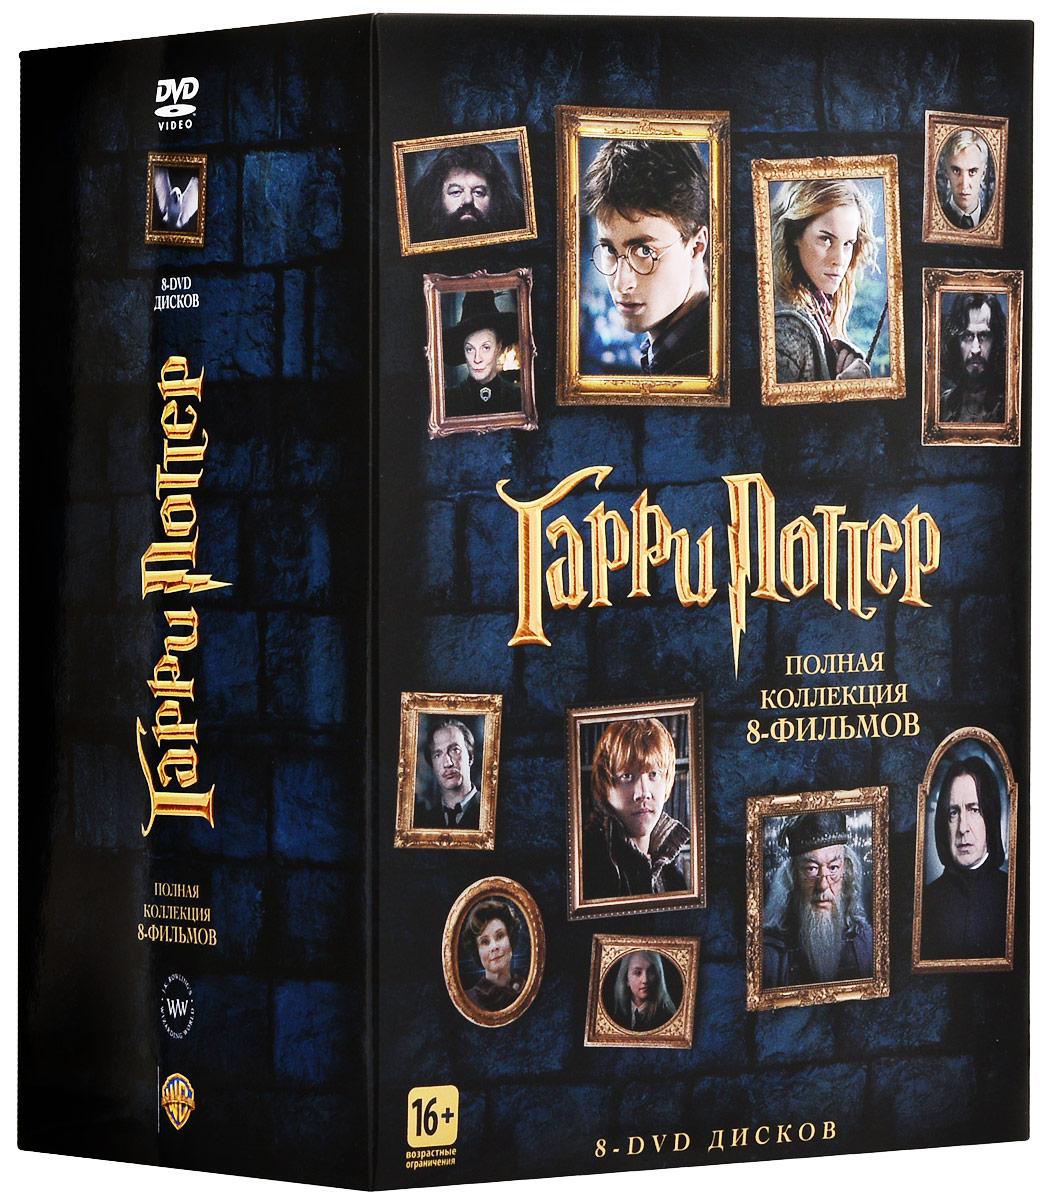 1-й год обучения: Гарри Поттер и философский камень, 2001 г. В этой очаровательной экранизации знаменитого бестселлера Дж. К. Ролинг, одиннадцатилетний Гарри Поттер (Дэниел Редклифф), потерявший своих родителей в раннем детстве живет в семье своей тетки и даже не подозревает, что он - настоящий волшебник. Он вынужден терпеть их плохое отношение к себе и жить под лестницей. Но однажды прилетает сова с письмом для него, в котором мальчика приглашают учиться в Хогвартсе - школе для юных волшебников, где учат колдовству и магии. Оказывается родители Гарри были волшебниками, но их убил злой колдун, который теперь пытается проникнуть в Хогвартс, чтобы украсть спрятанный там философский камень. Несмотря на протесты своего злого семейства, Гарри отправляется в школу, где будет учиться волшебству. Там он найдет новых интересных друзей, которые помогут ему узнать правду о родителях и в результате ему удастся раскрыть секрет философского камня. Если вы готовы к...